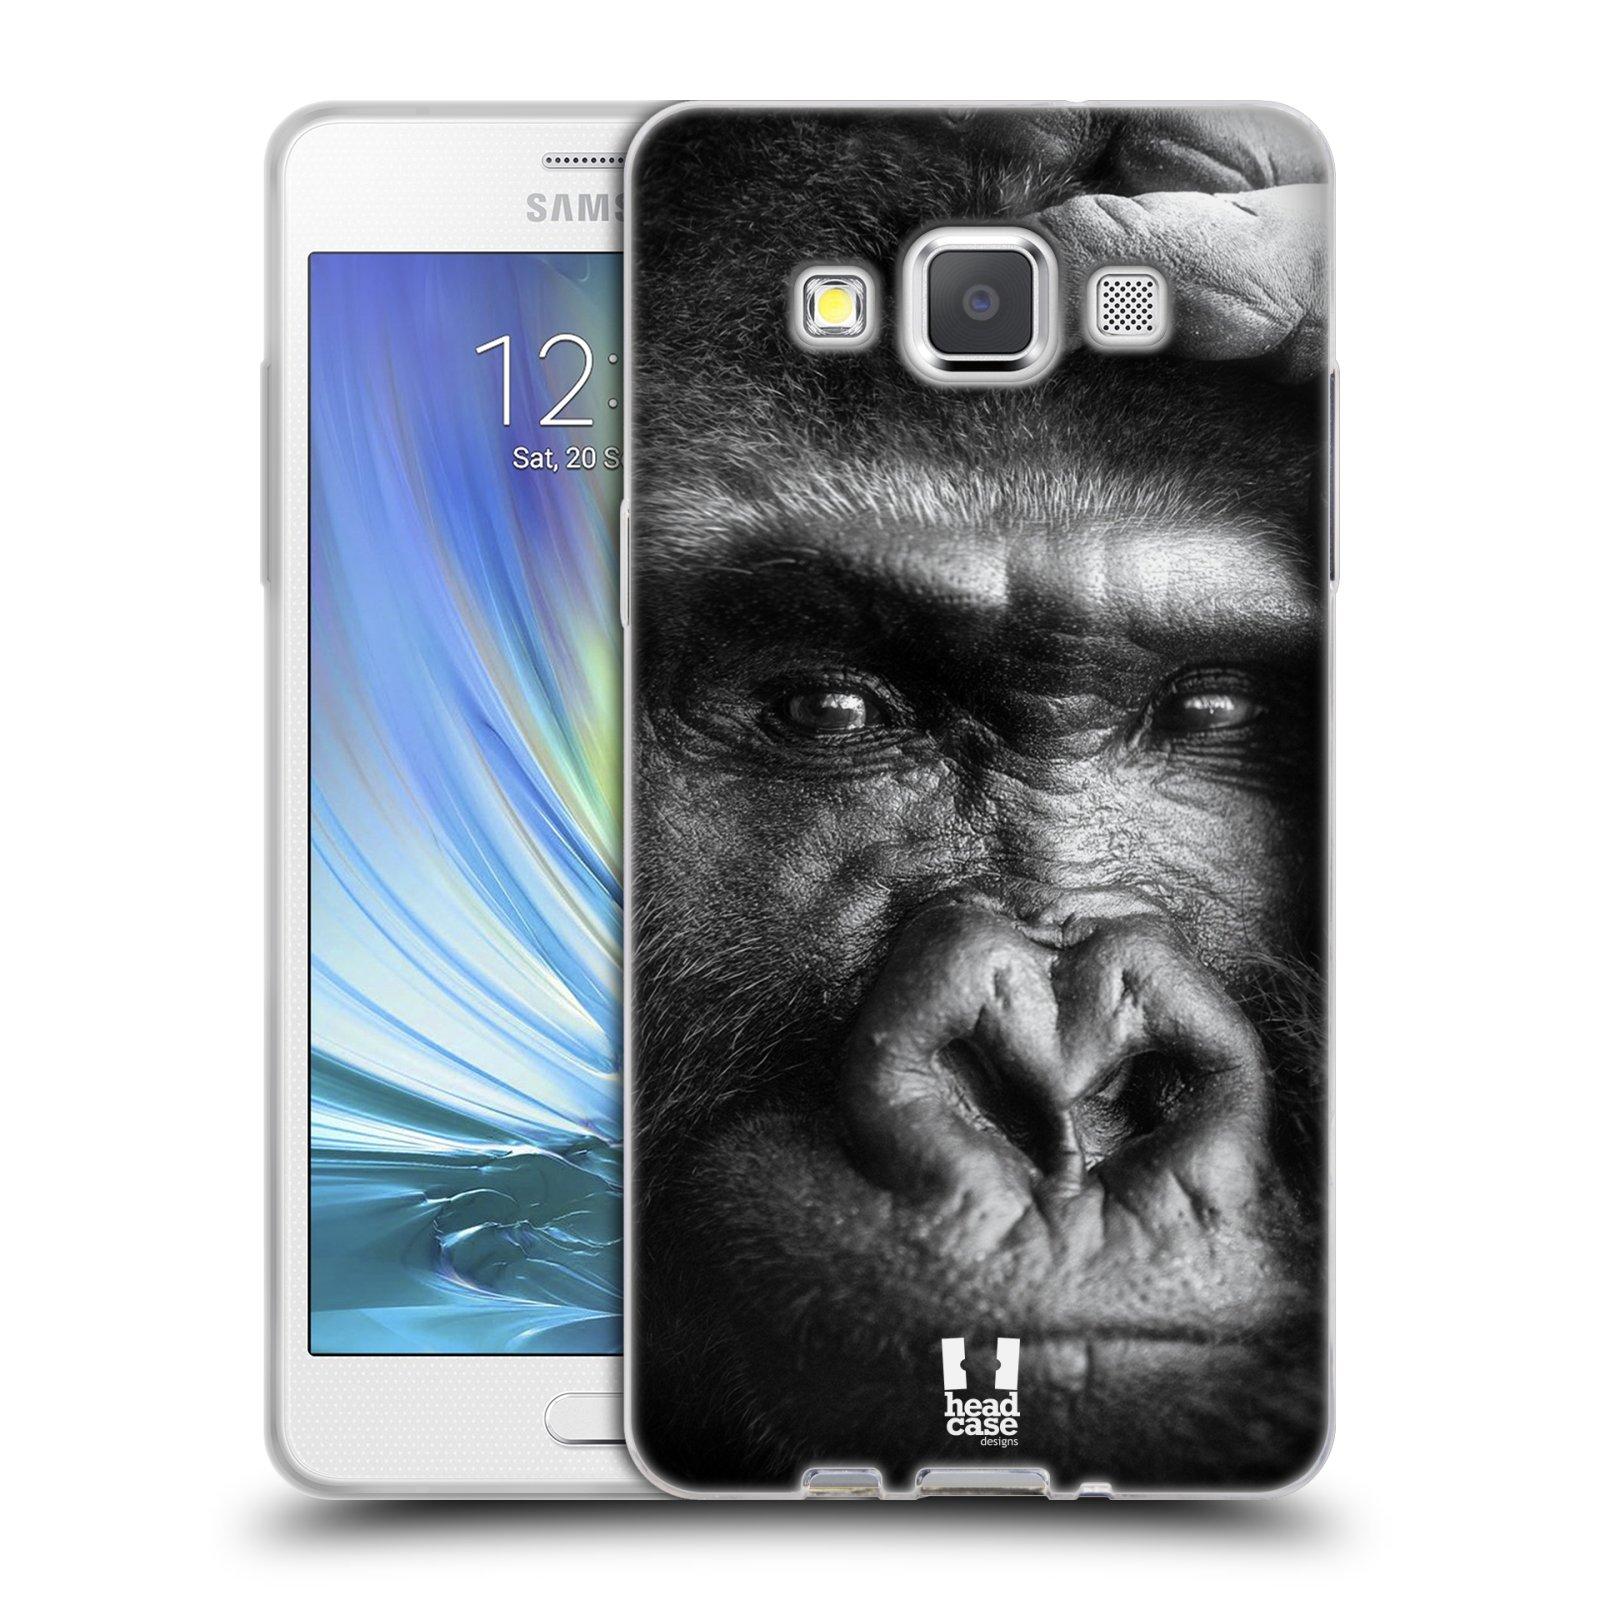 HEAD CASE silikonový obal na mobil Samsung Galaxy A5 vzor Divočina, Divoký život a zvířata foto GORILA TVÁŘ